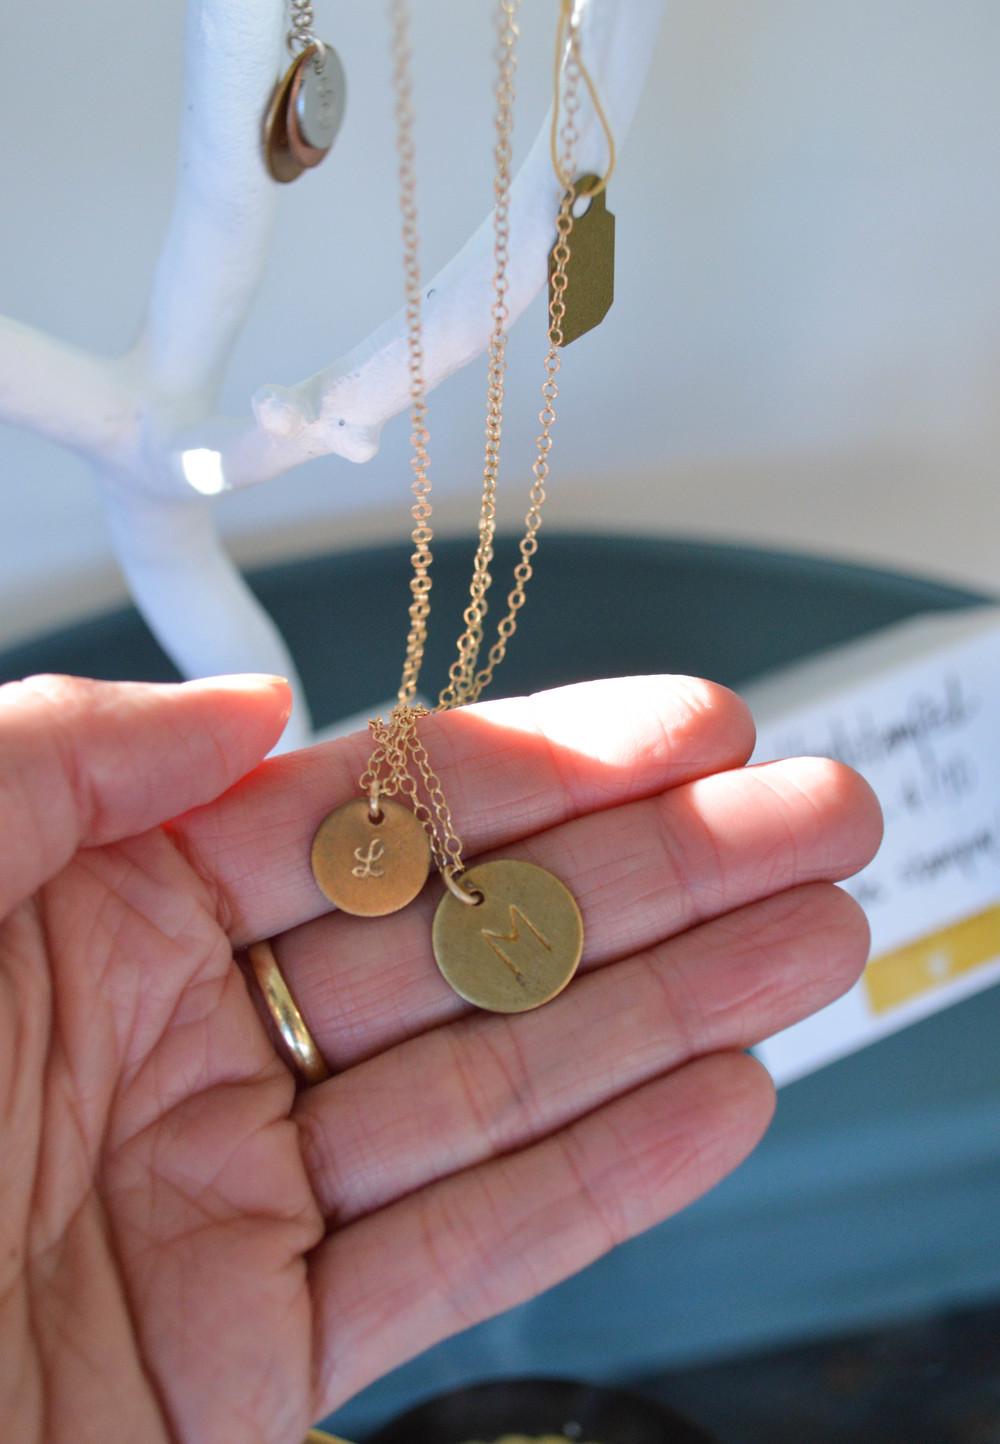 LaurenSchwaiger-Life-Style-Blog-Laura-James-Handmade-Jewelry.jpg